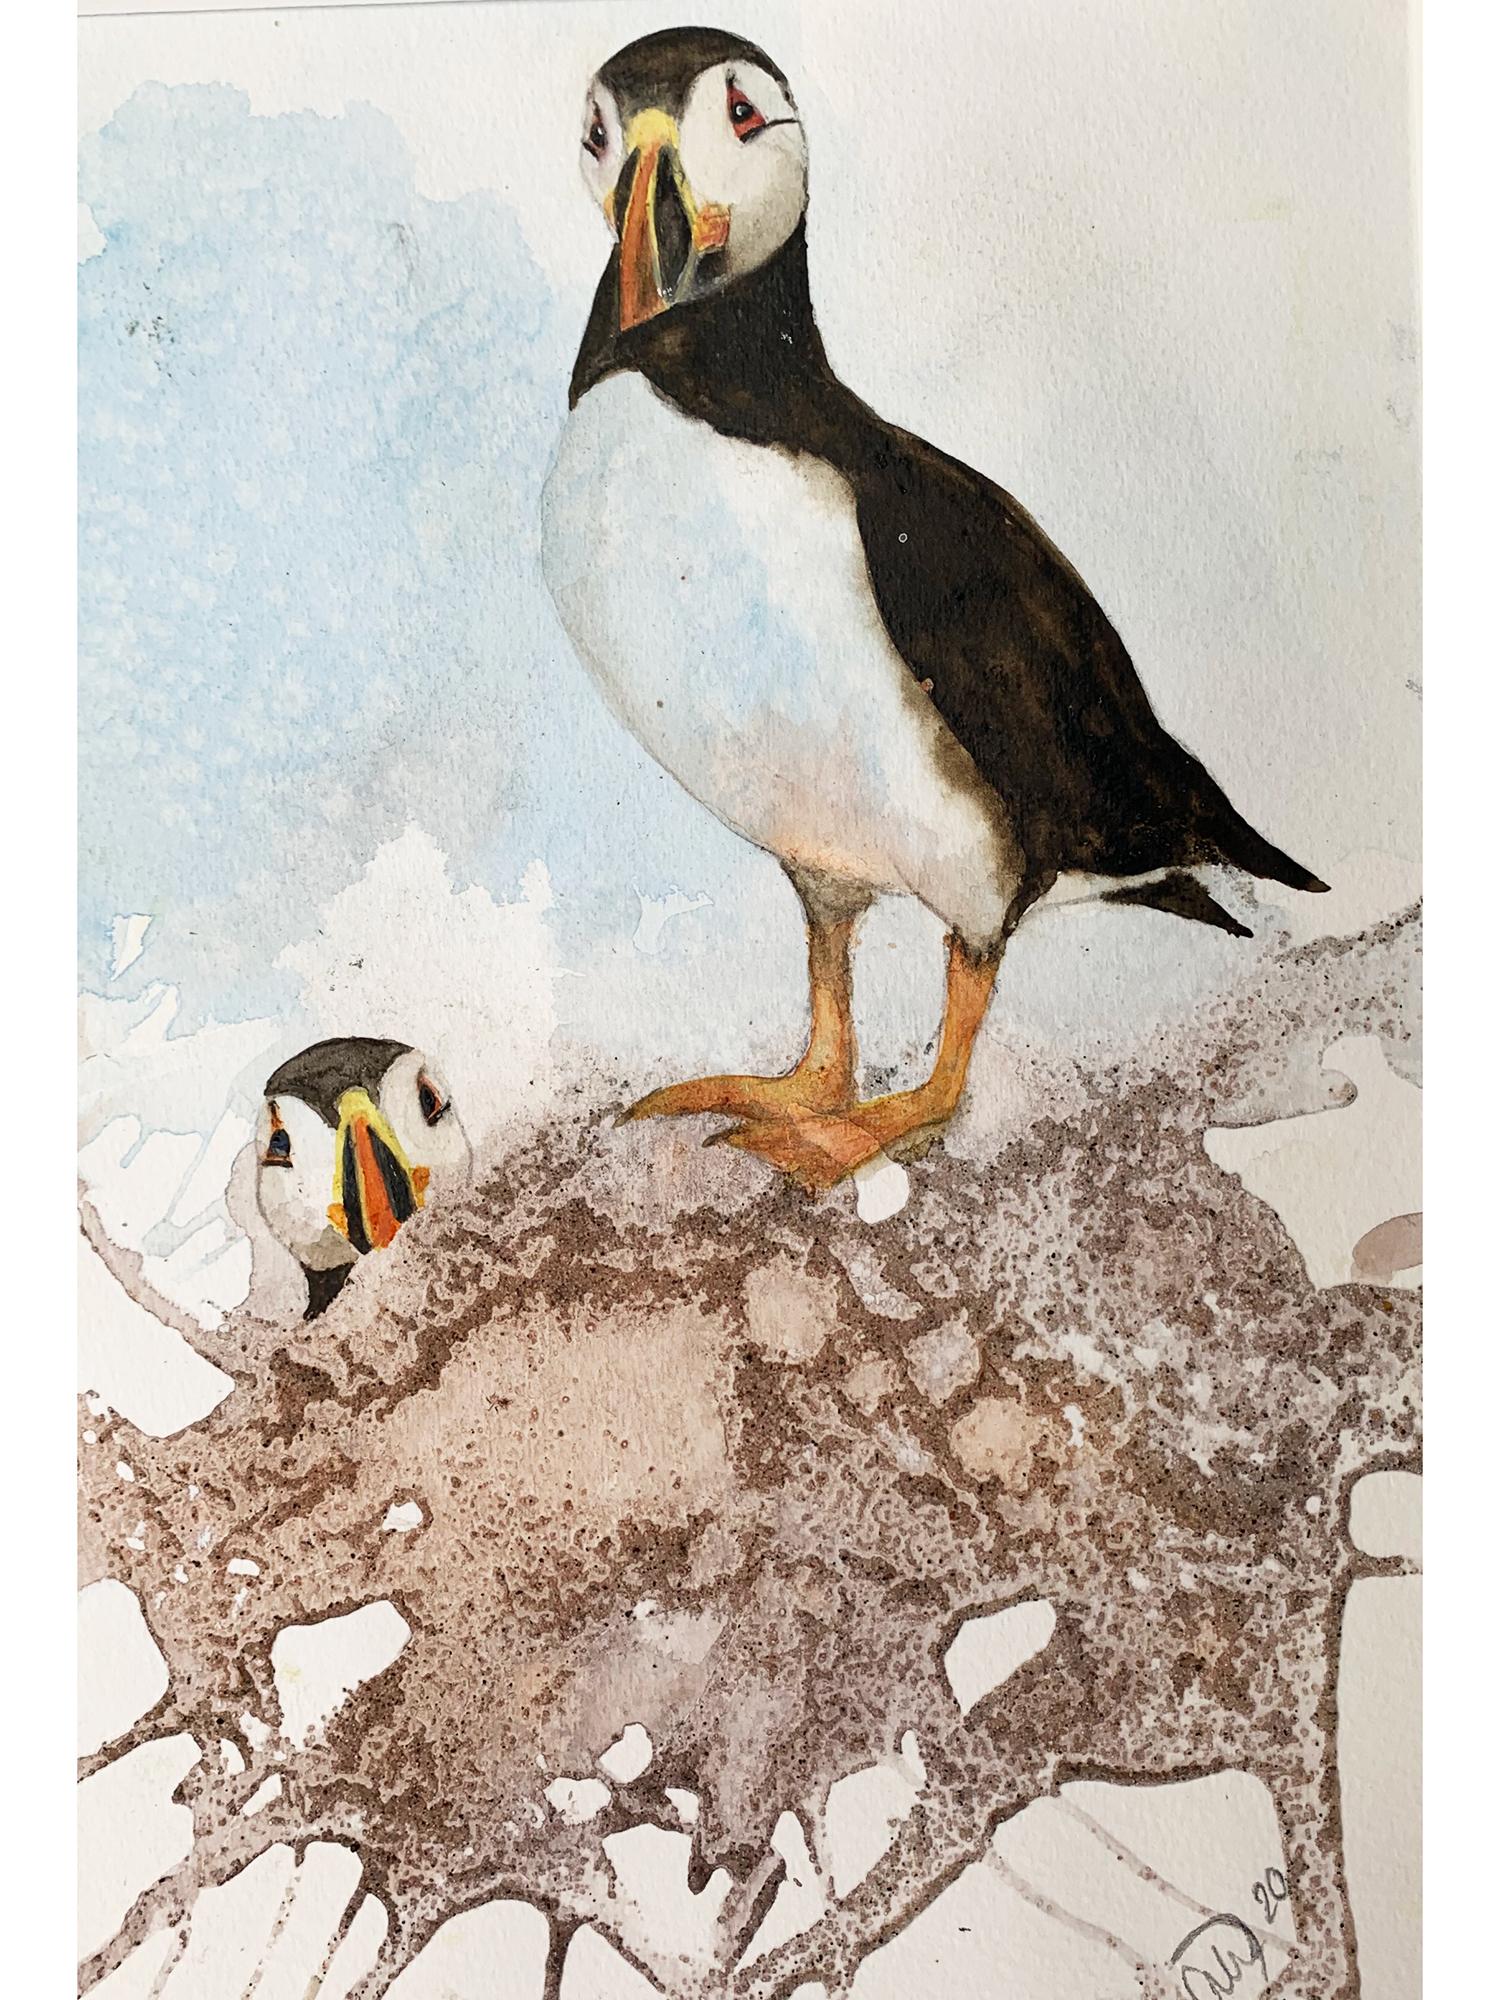 Akvarel på baggrund af sand og lim, 30x40 cm indrammet